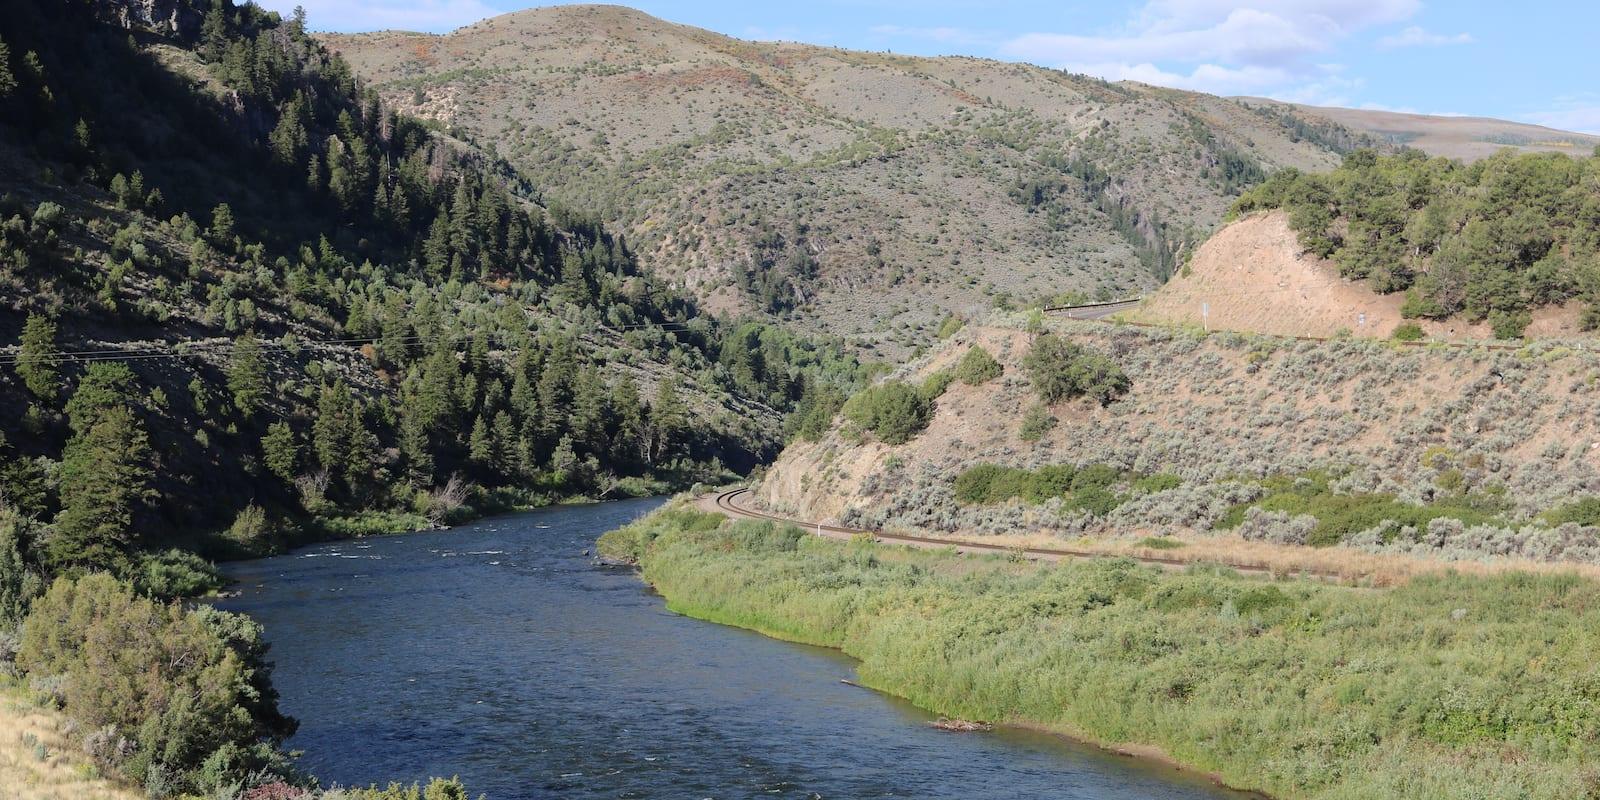 Colorado River State Bridge CO